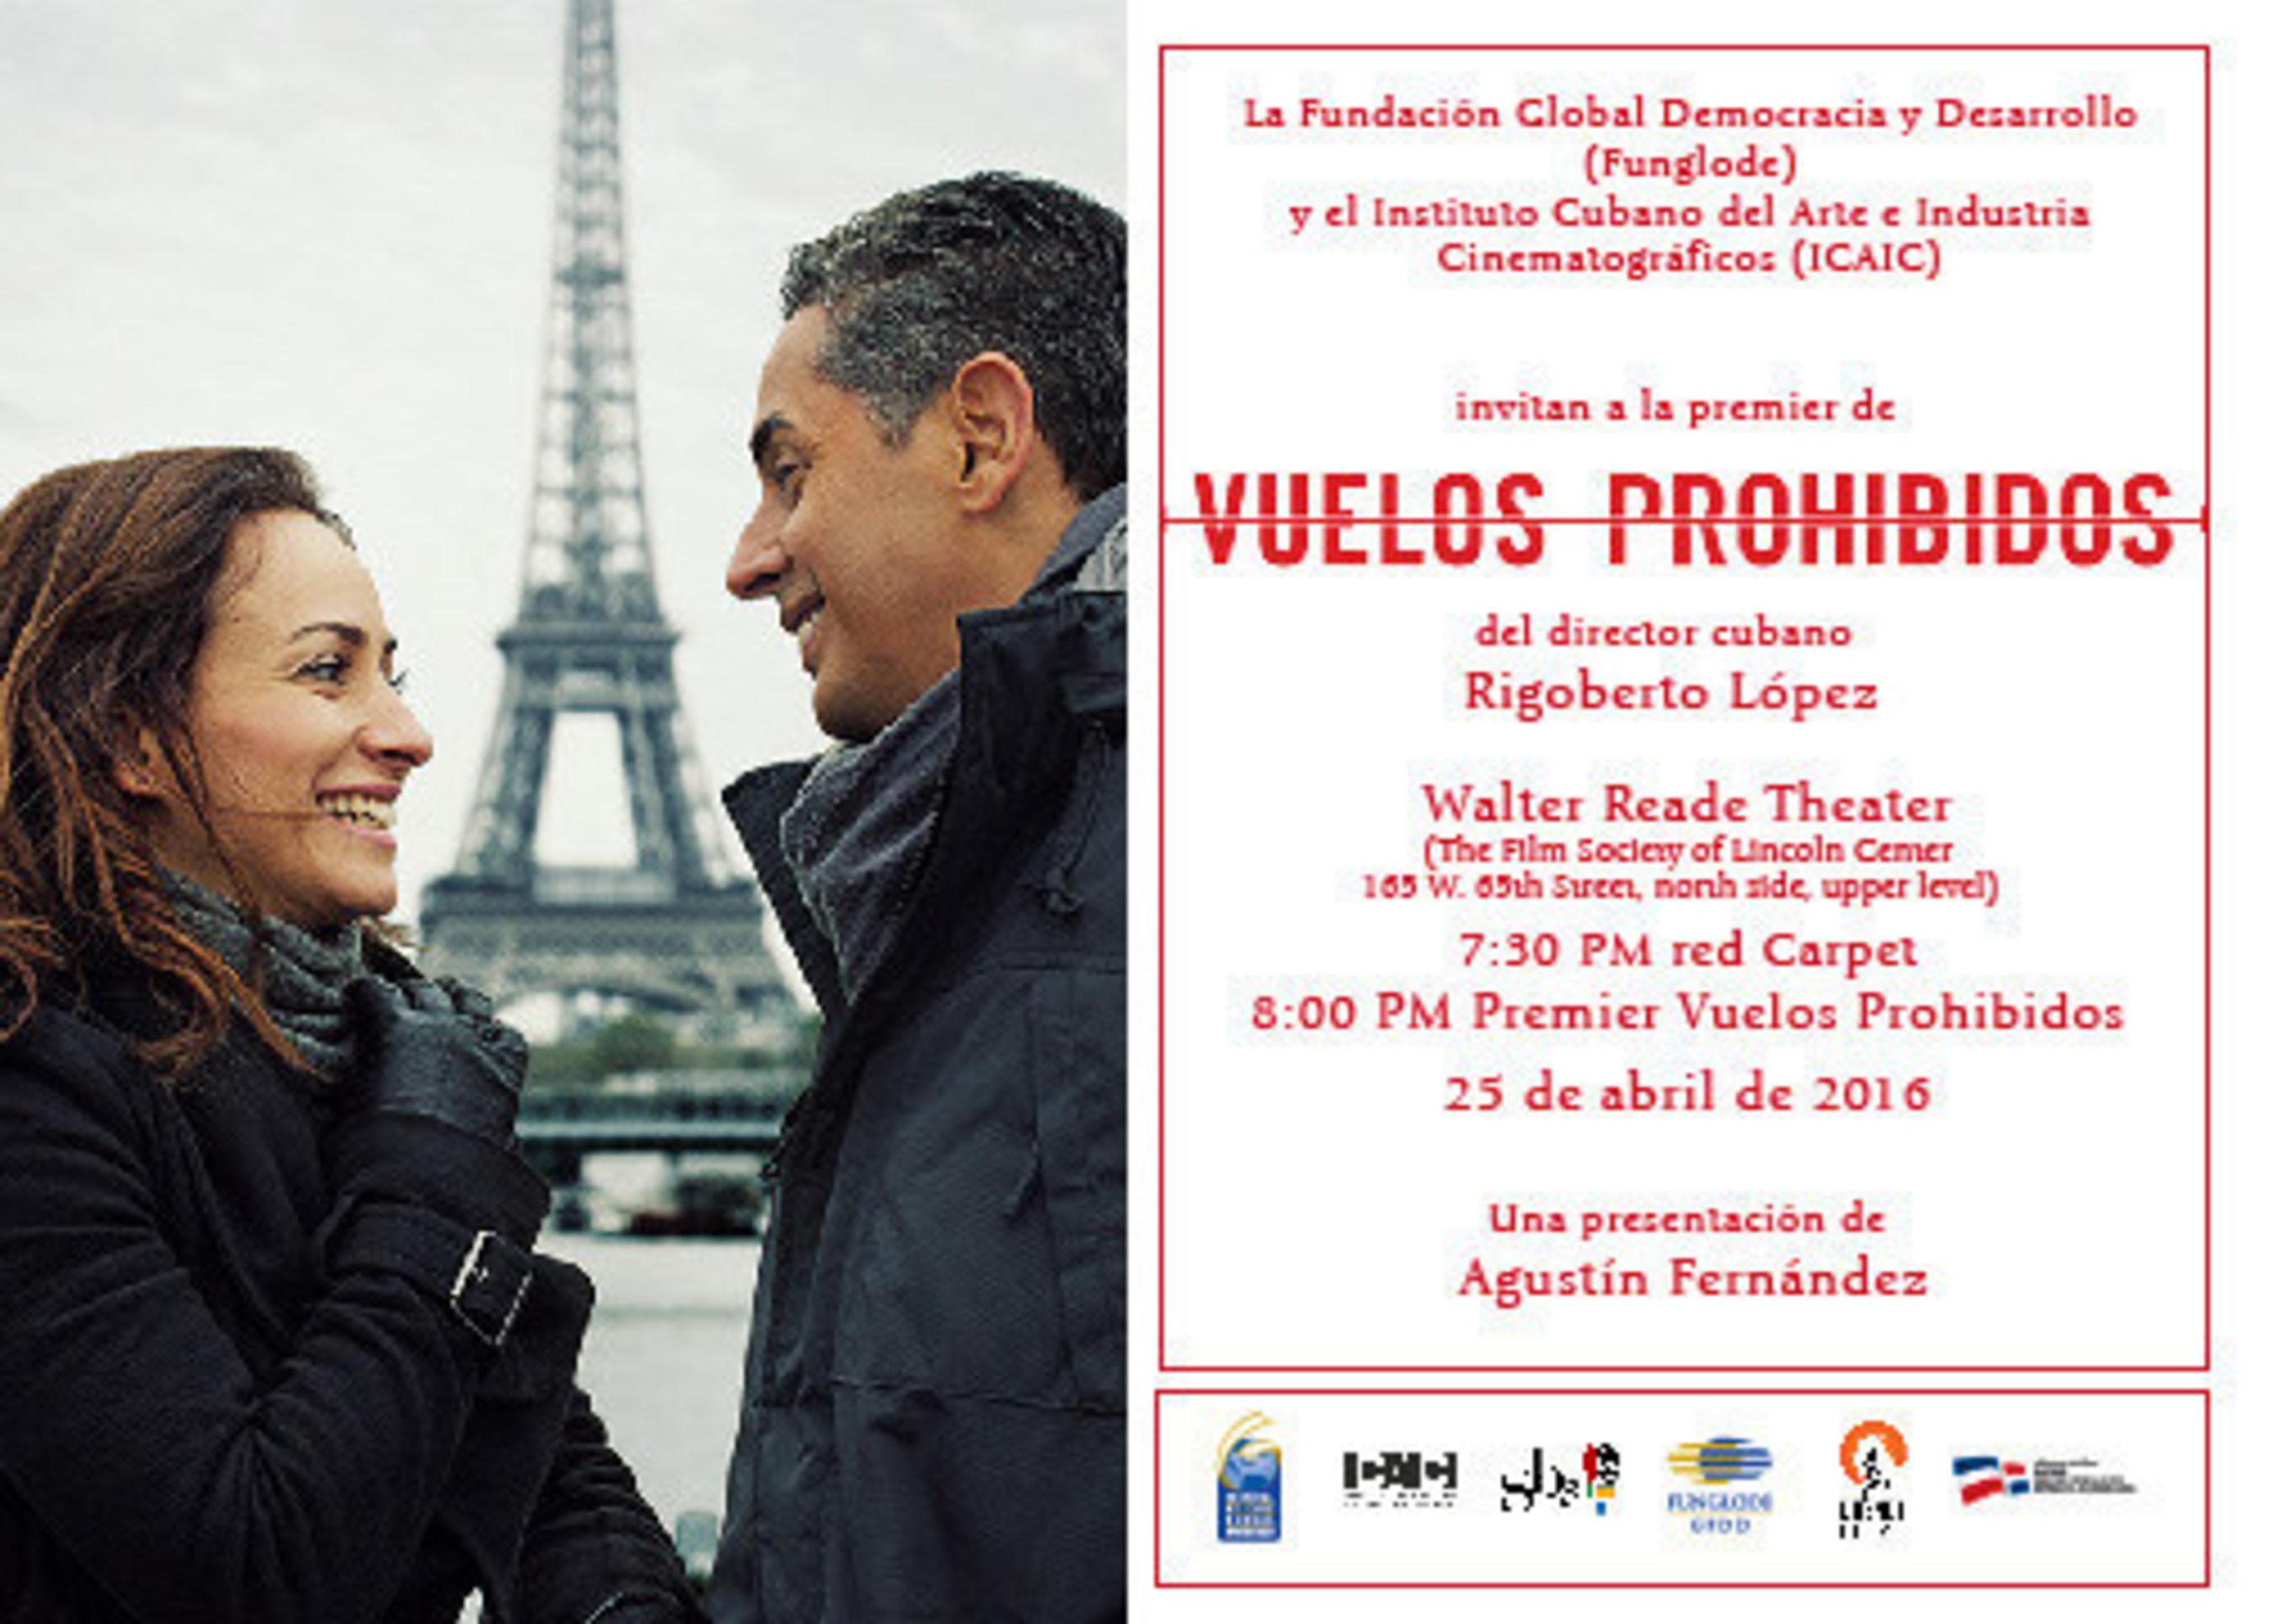 """Mega 97.9FM, 93.1FM Amor presentan en Nueva York la cinta cinematografica """"Vuelos Prohibidos"""", de Rigoberto Lopez"""